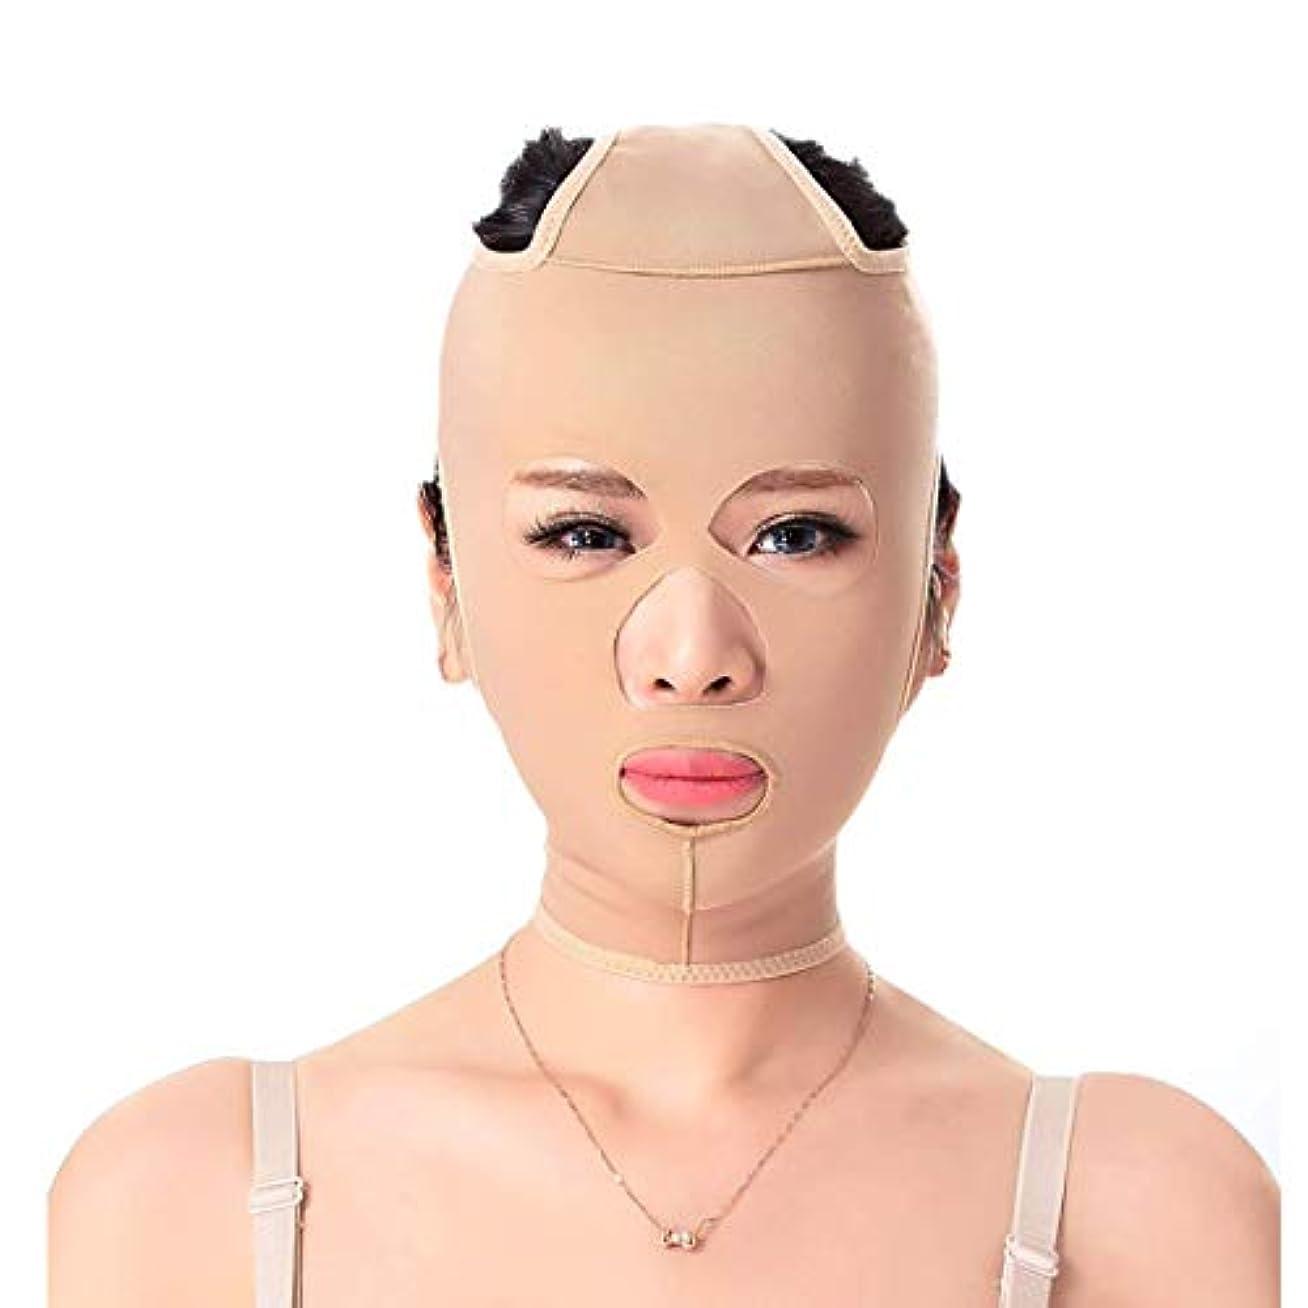 鷲ぶら下がる緩めるスリミングベルト、二重あごの引き締め顔面プラスチック顔アーティファクト強力な顔の包帯を脇に持ち上げるパターンを欺くためのフェイシャルマスク薄いフェイスマスク(サイズ:XXL),M